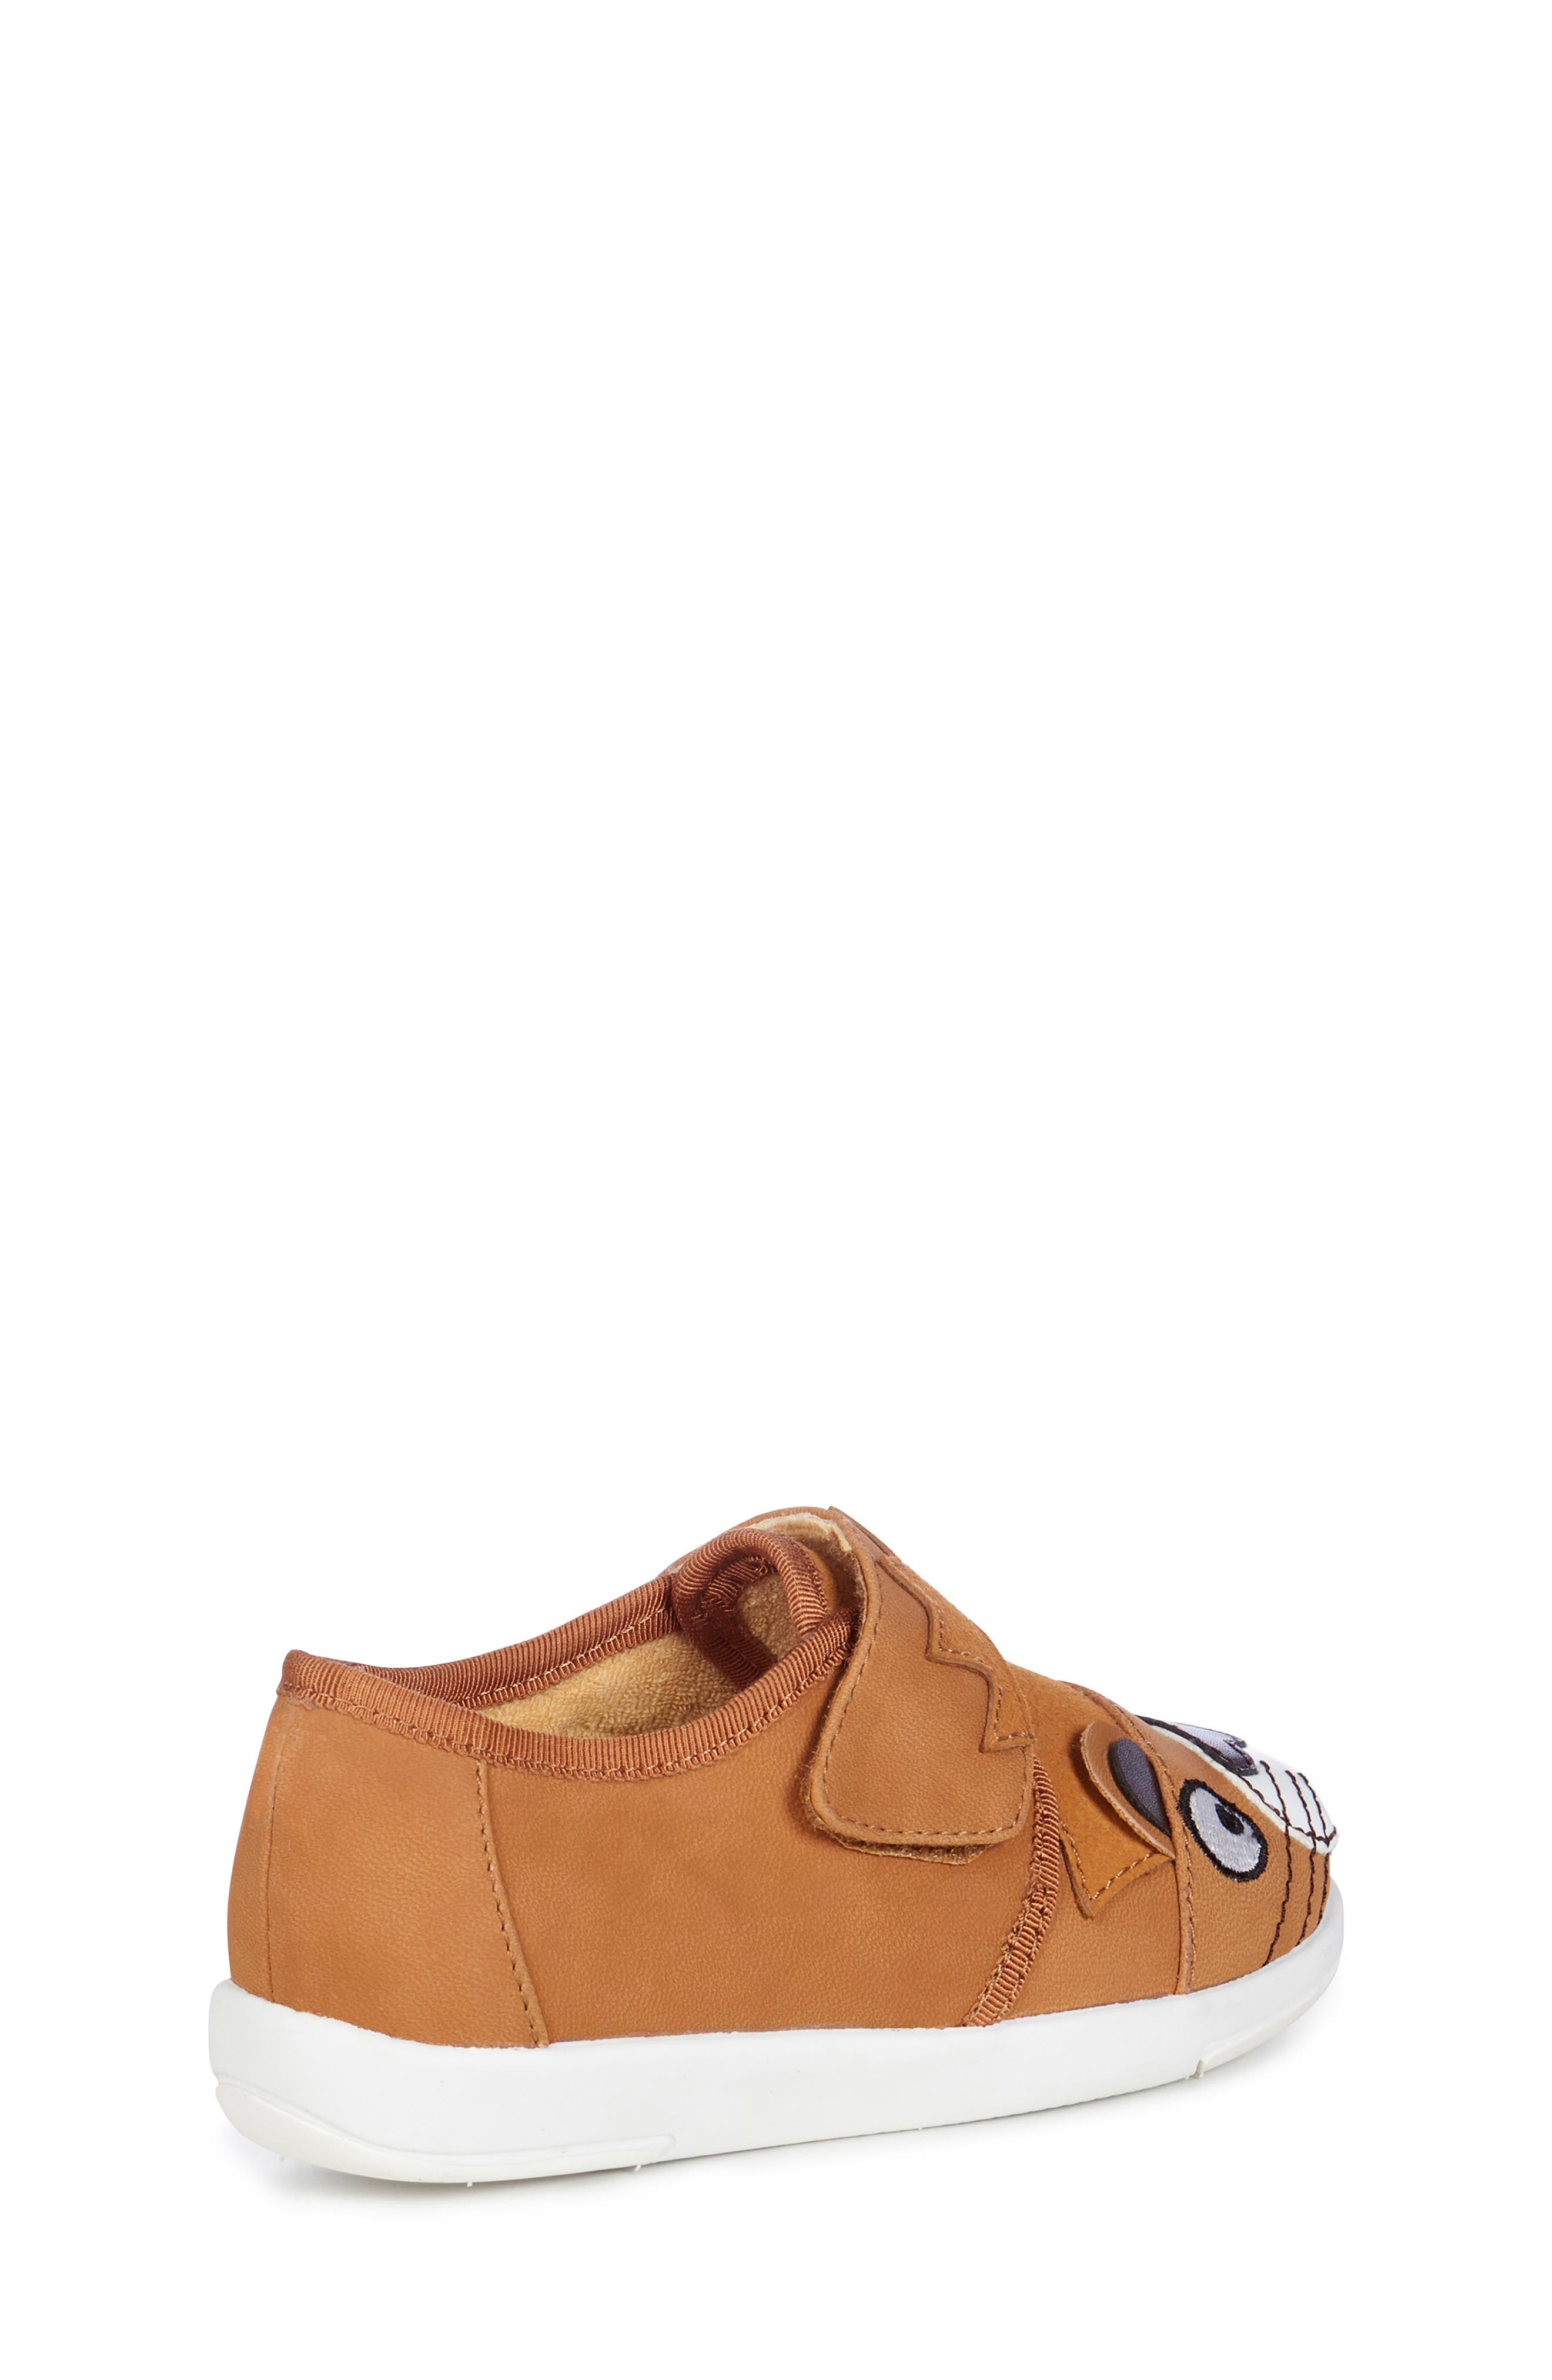 EMU AUSTRALIA,                             Sneaker,                             Alternate thumbnail 2, color,                             200